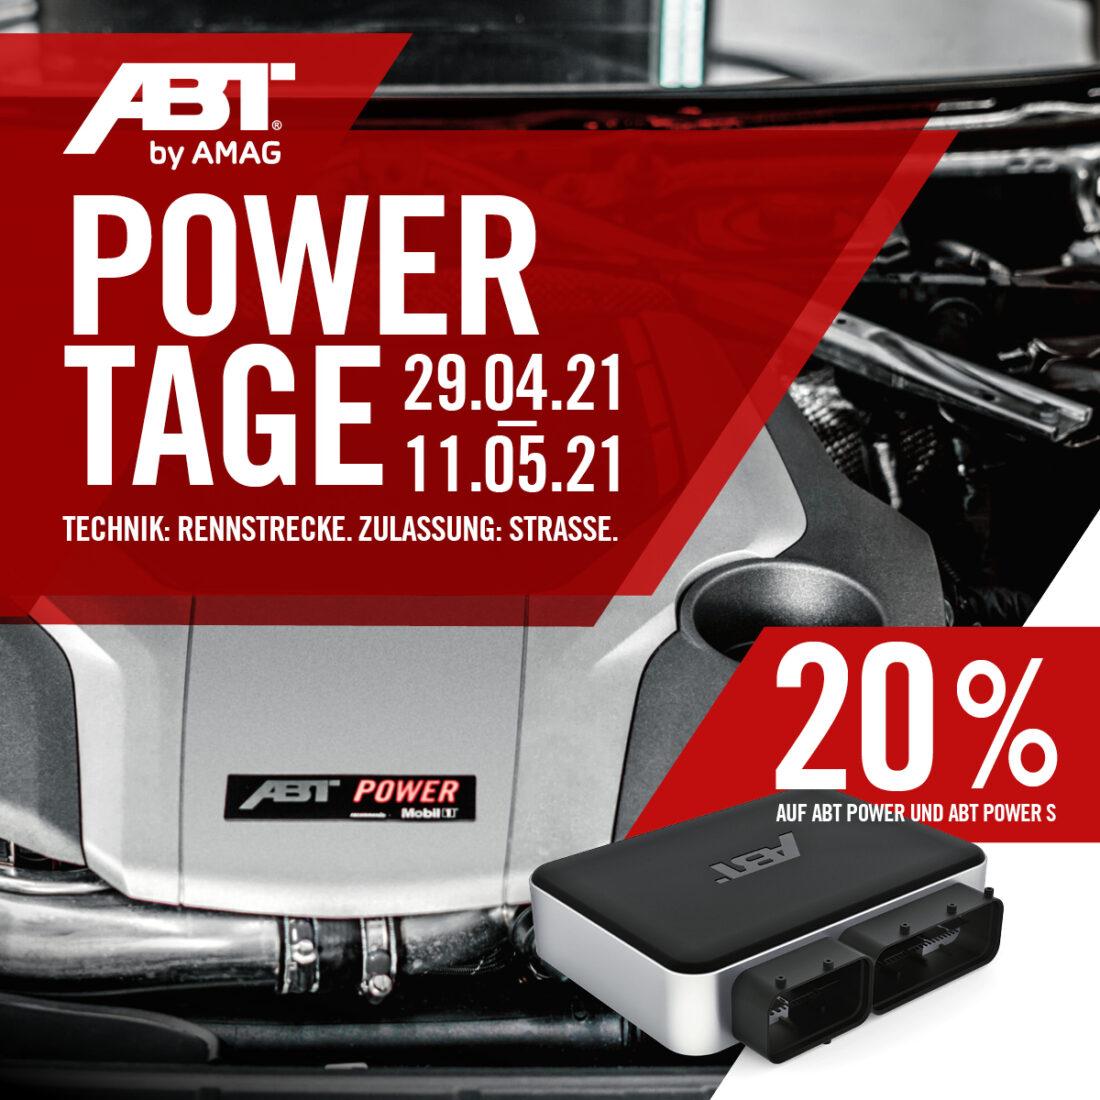 Die ABT POWER TAGE 20% weniger zahlen, einfach mehr bekommen - Westgarage Lanker AG